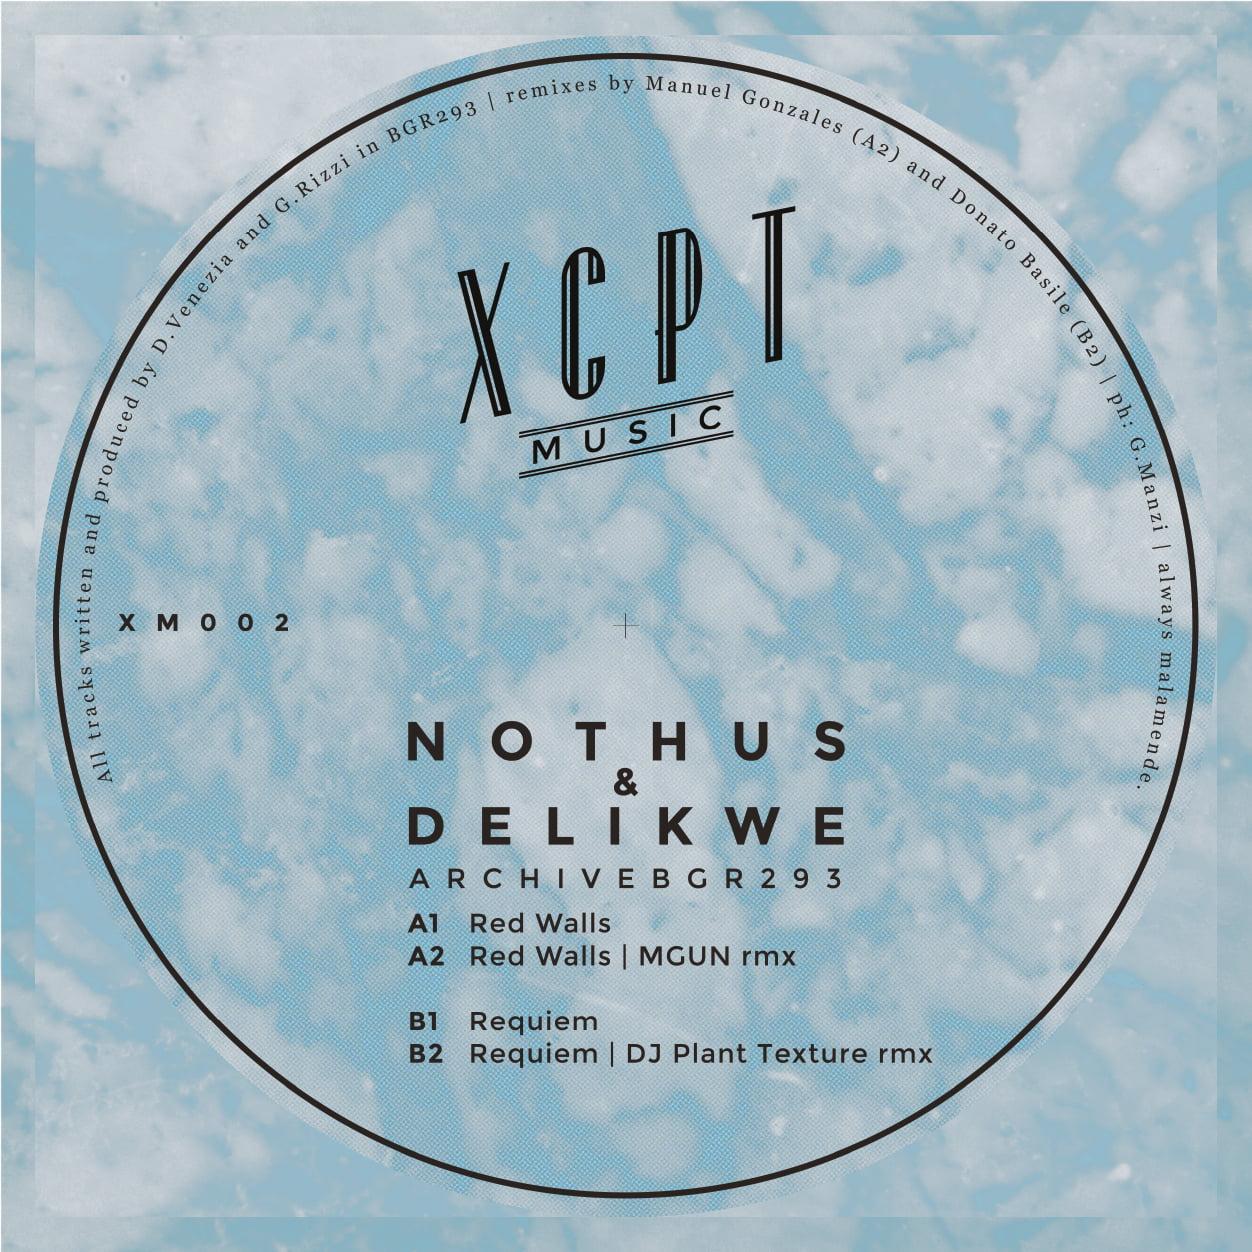 XCPT Music ya tiene segundo release